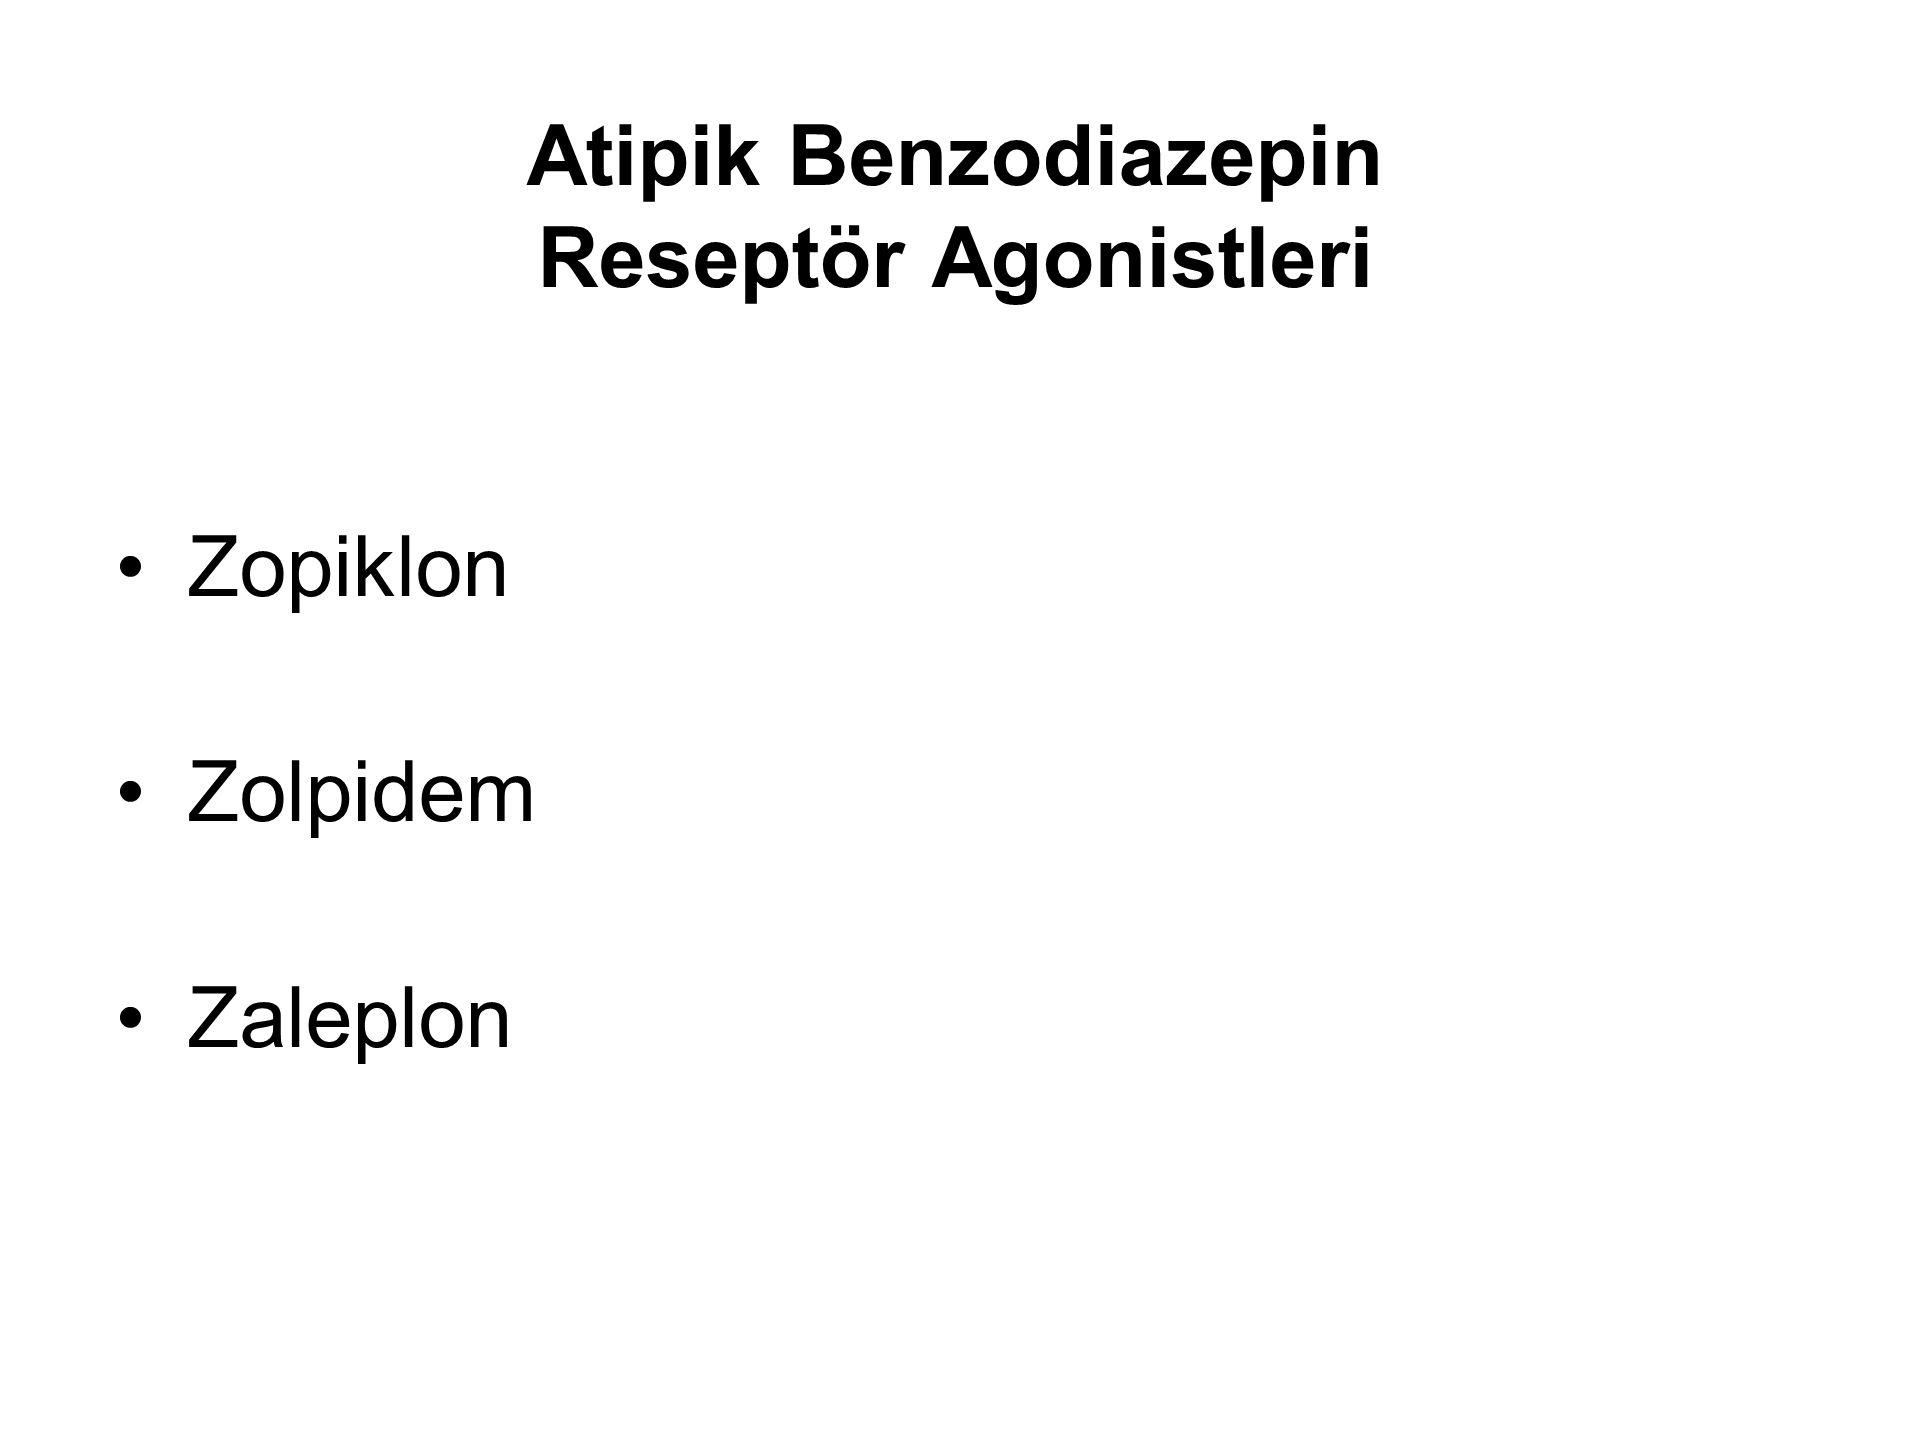 Atipik Benzodiazepin Reseptör Agonistleri Zopiklon Zolpidem Zaleplon